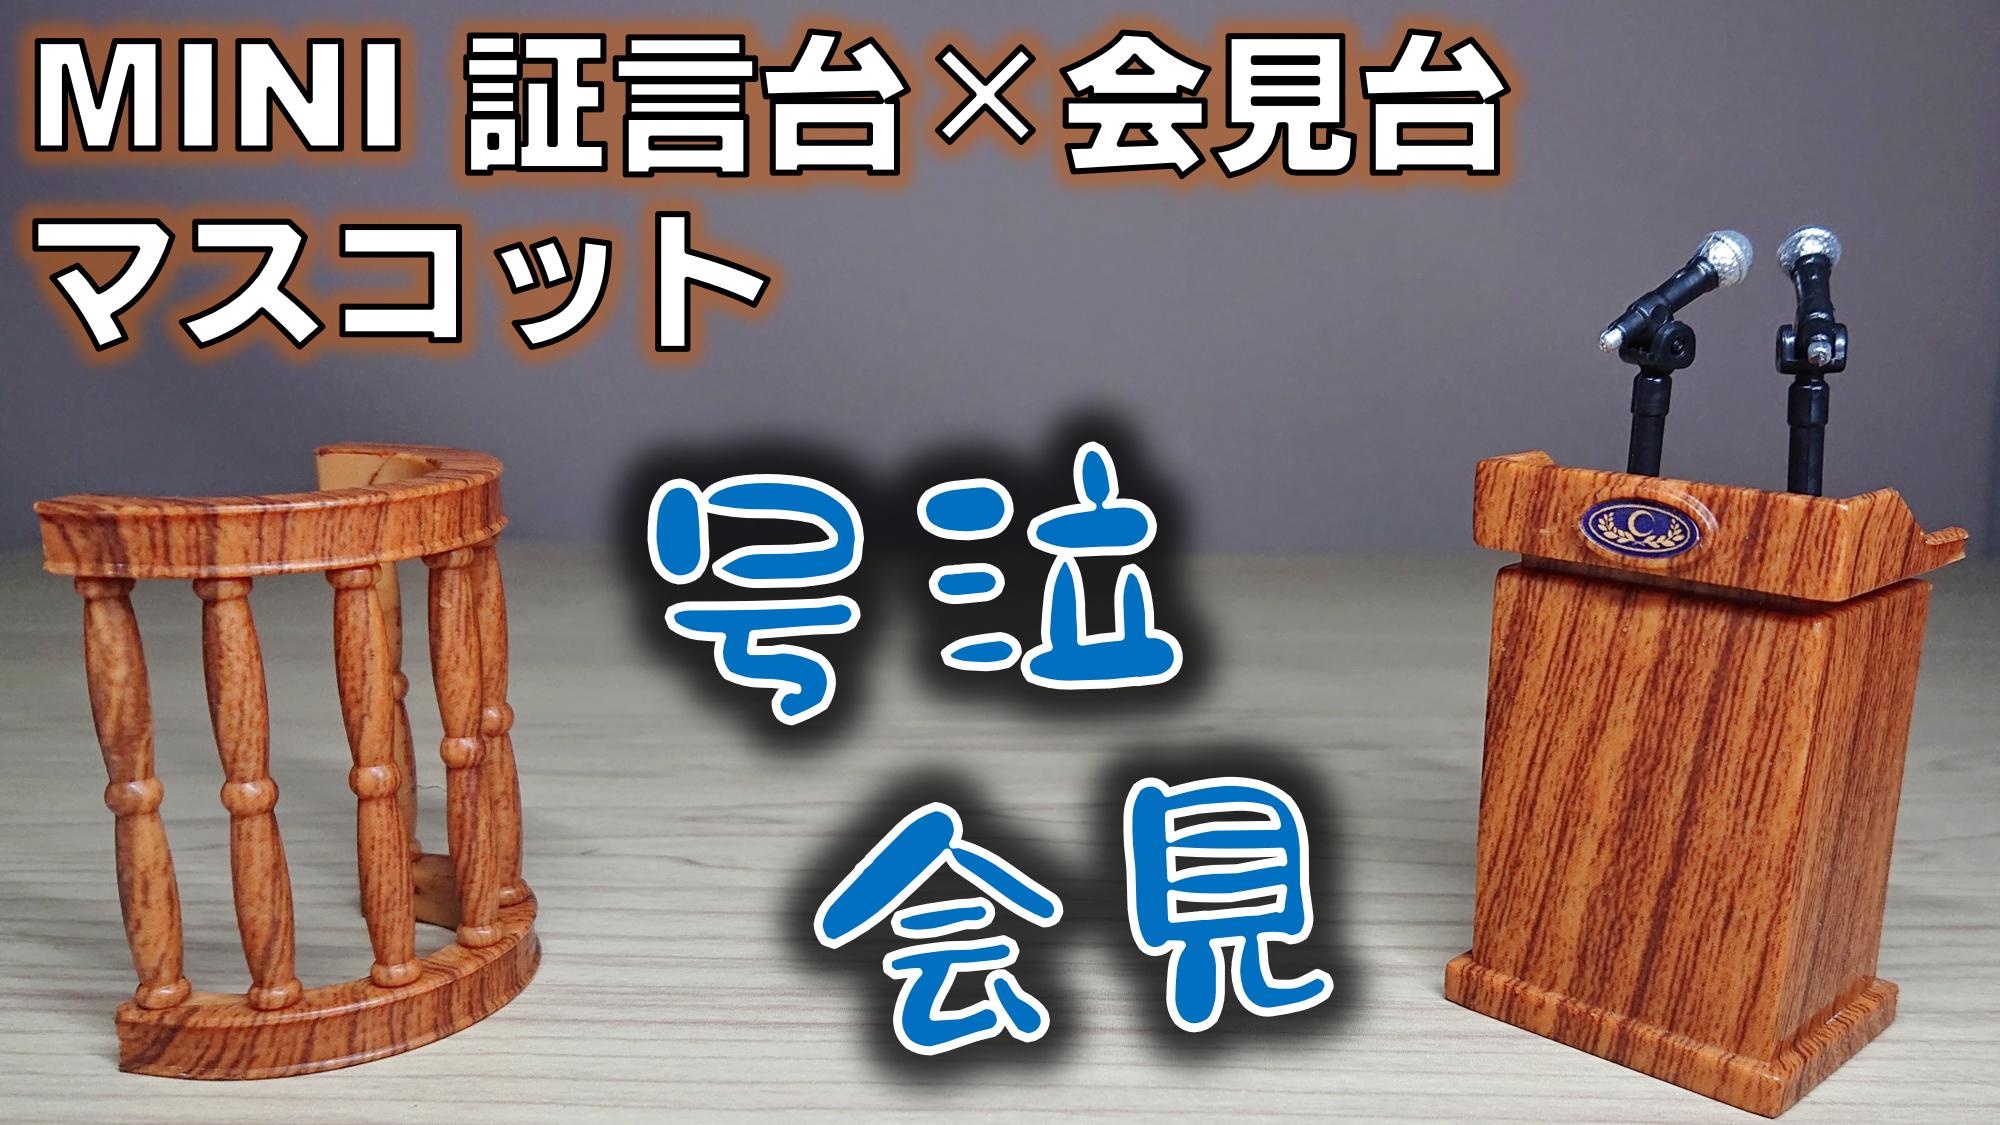 MINI証言台×会見台_アイキャッチ